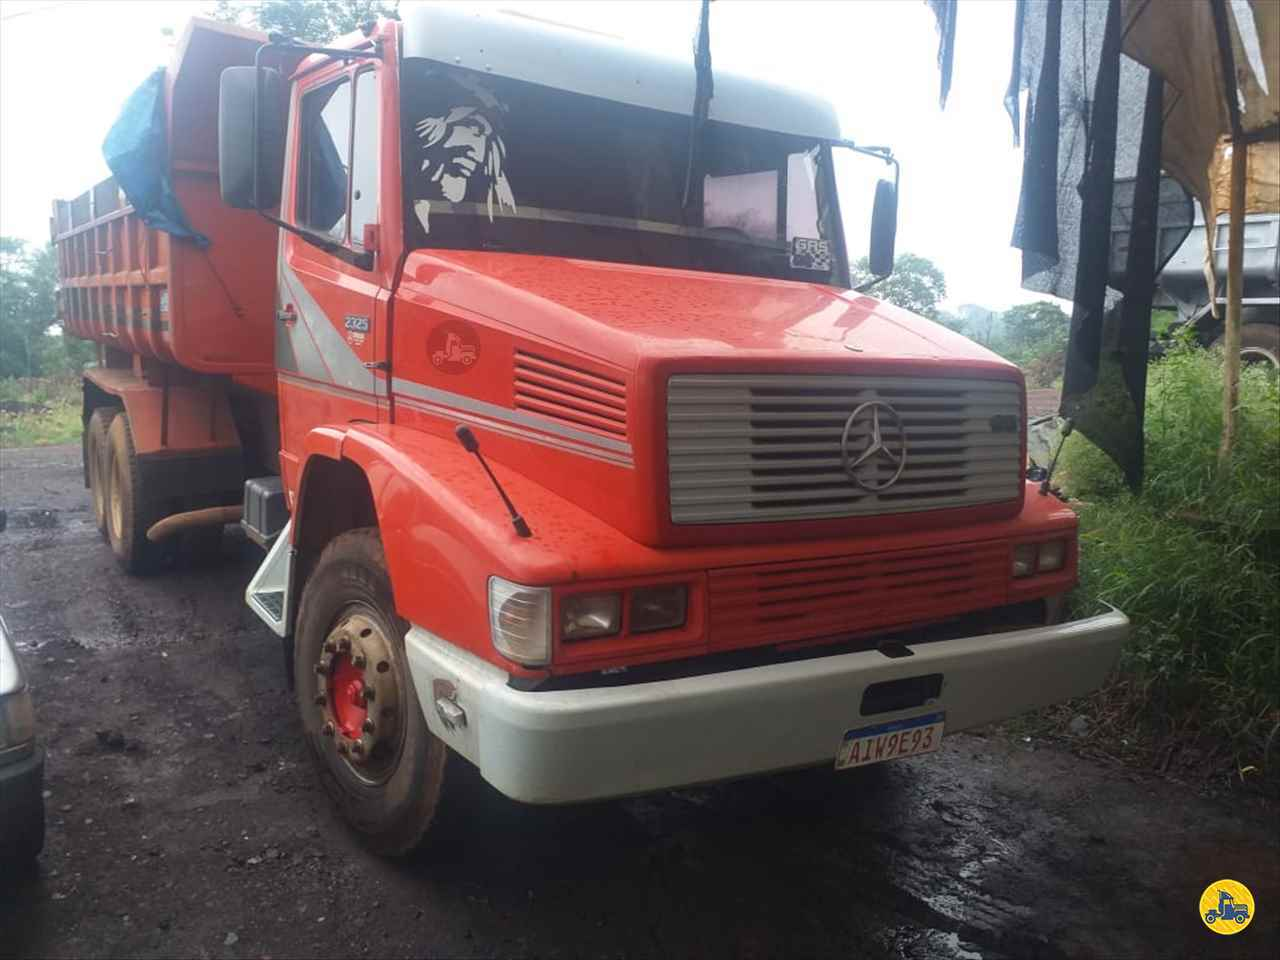 CAMINHAO MERCEDES-BENZ MB 2325 Caçamba Basculante Traçado 6x4 Maracavel Londrina Caminhões LONDRINA PARANÁ PR